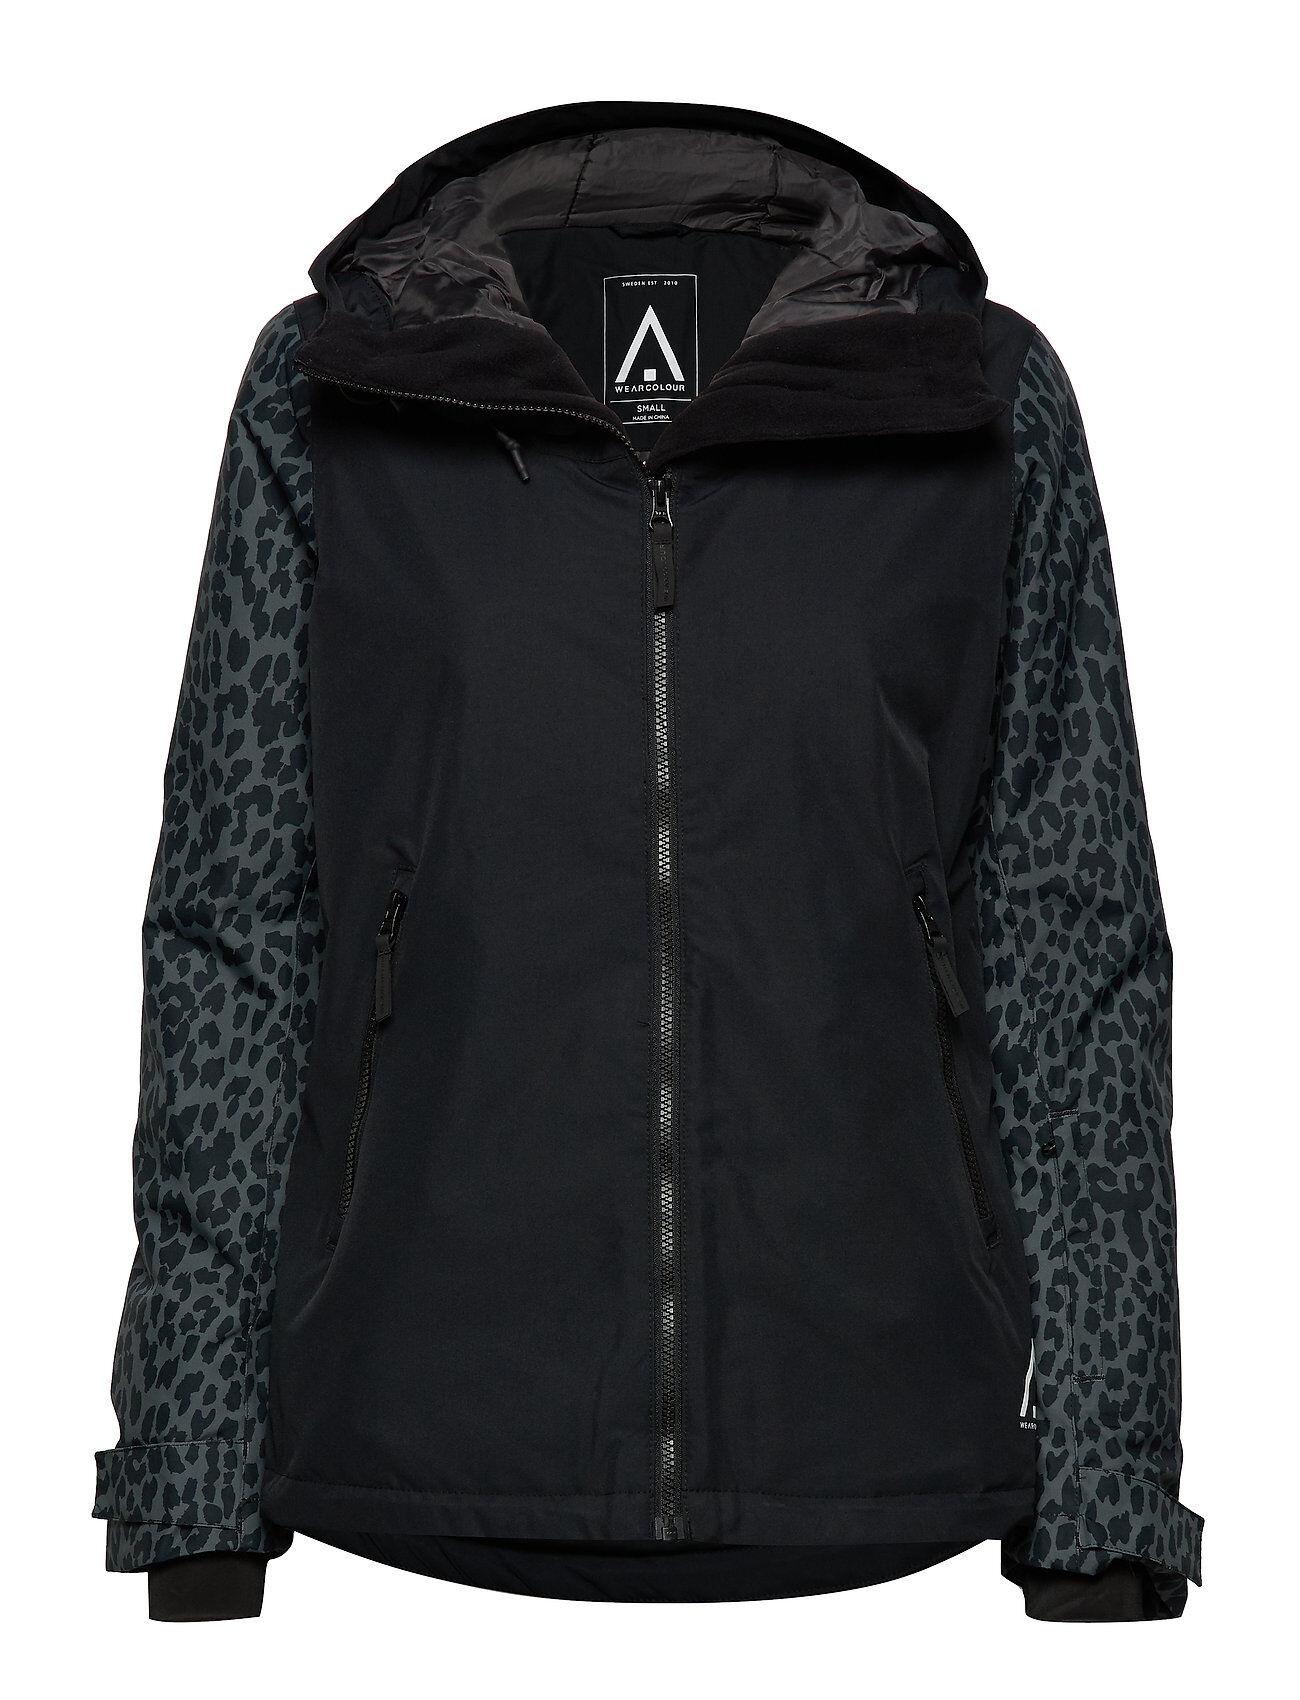 WearColour Cake Jacket Outerwear Sport Jackets Musta WearColour